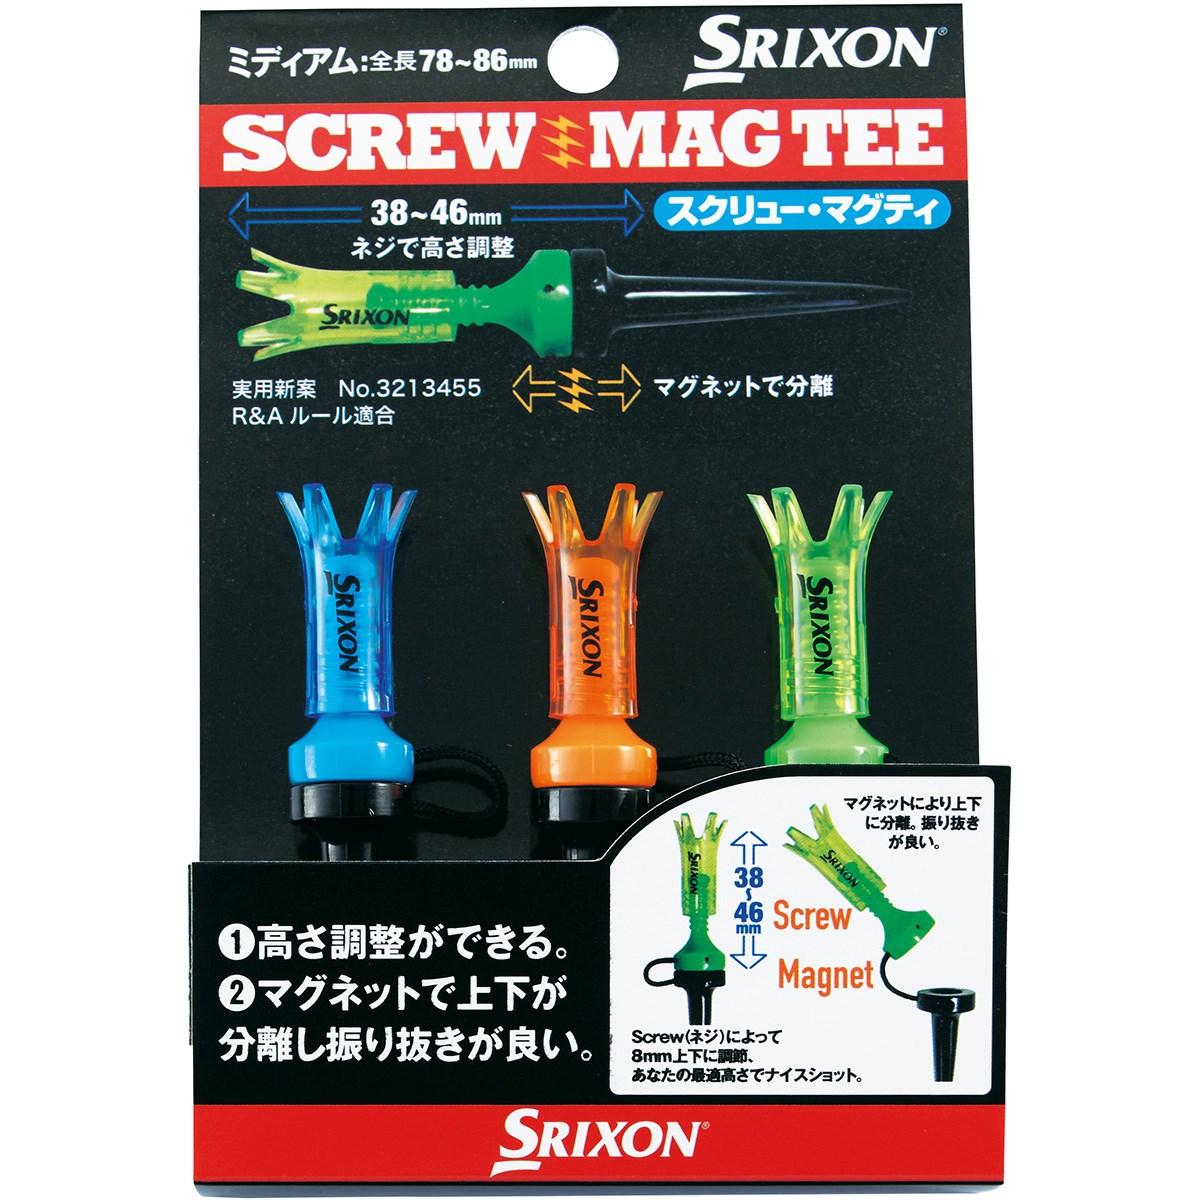 ダンロップ SRIXON スリクソン・スクリューマグティ(ミディアム) ブルー/オレンジ/グリーン